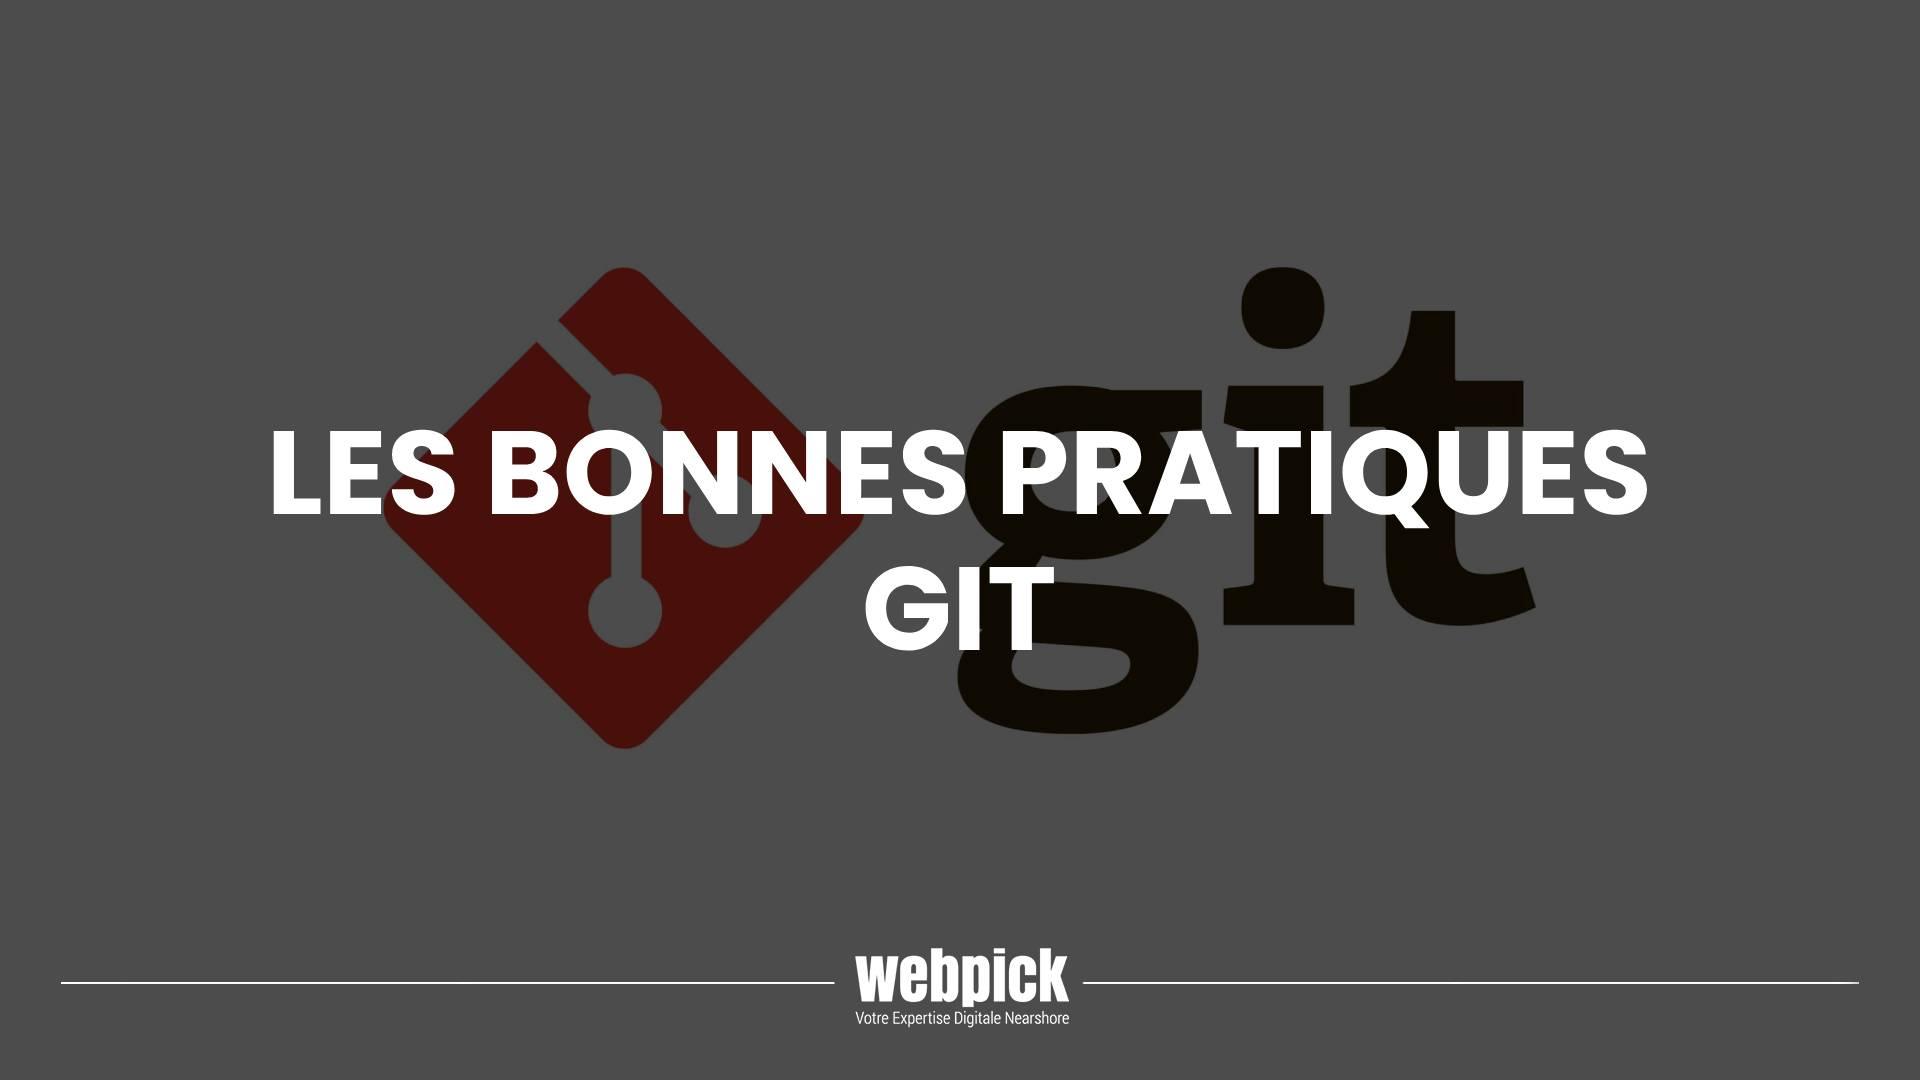 Les bonnes pratiques de GIT pour un developpeur